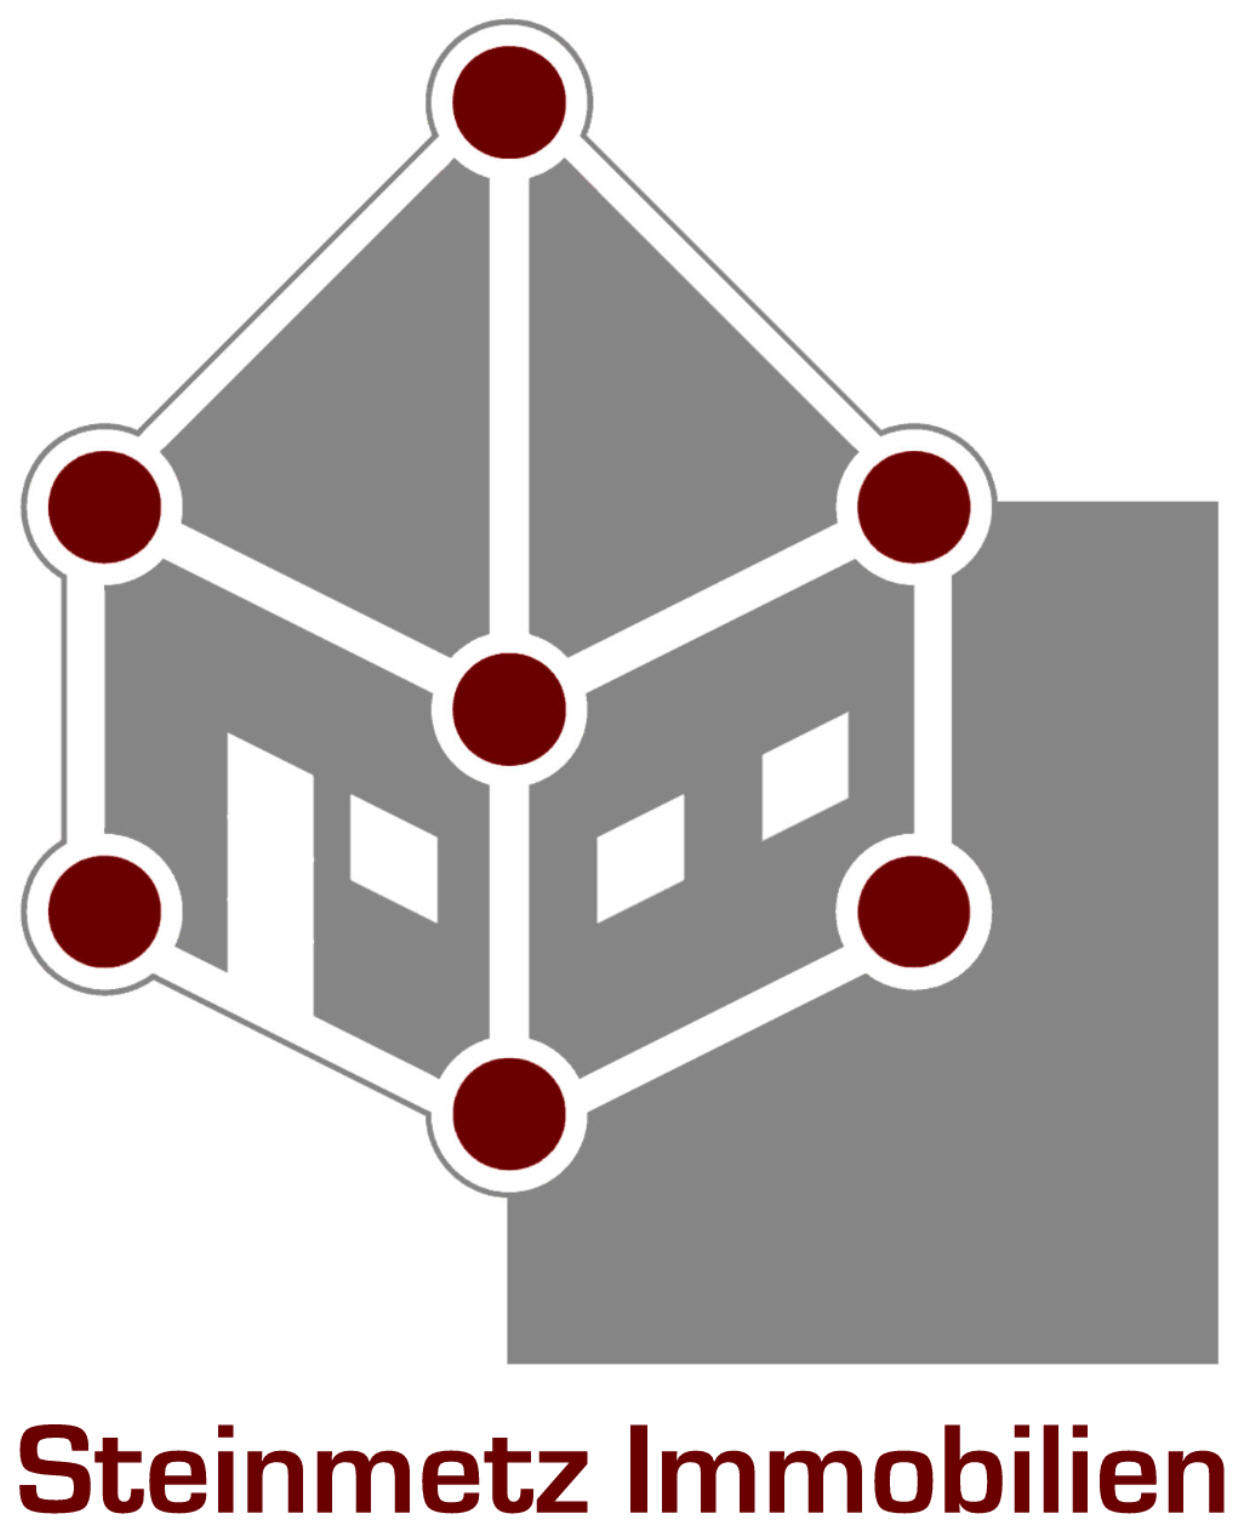 Hier sehen Sie das Logo von Steinmetz Immobilien